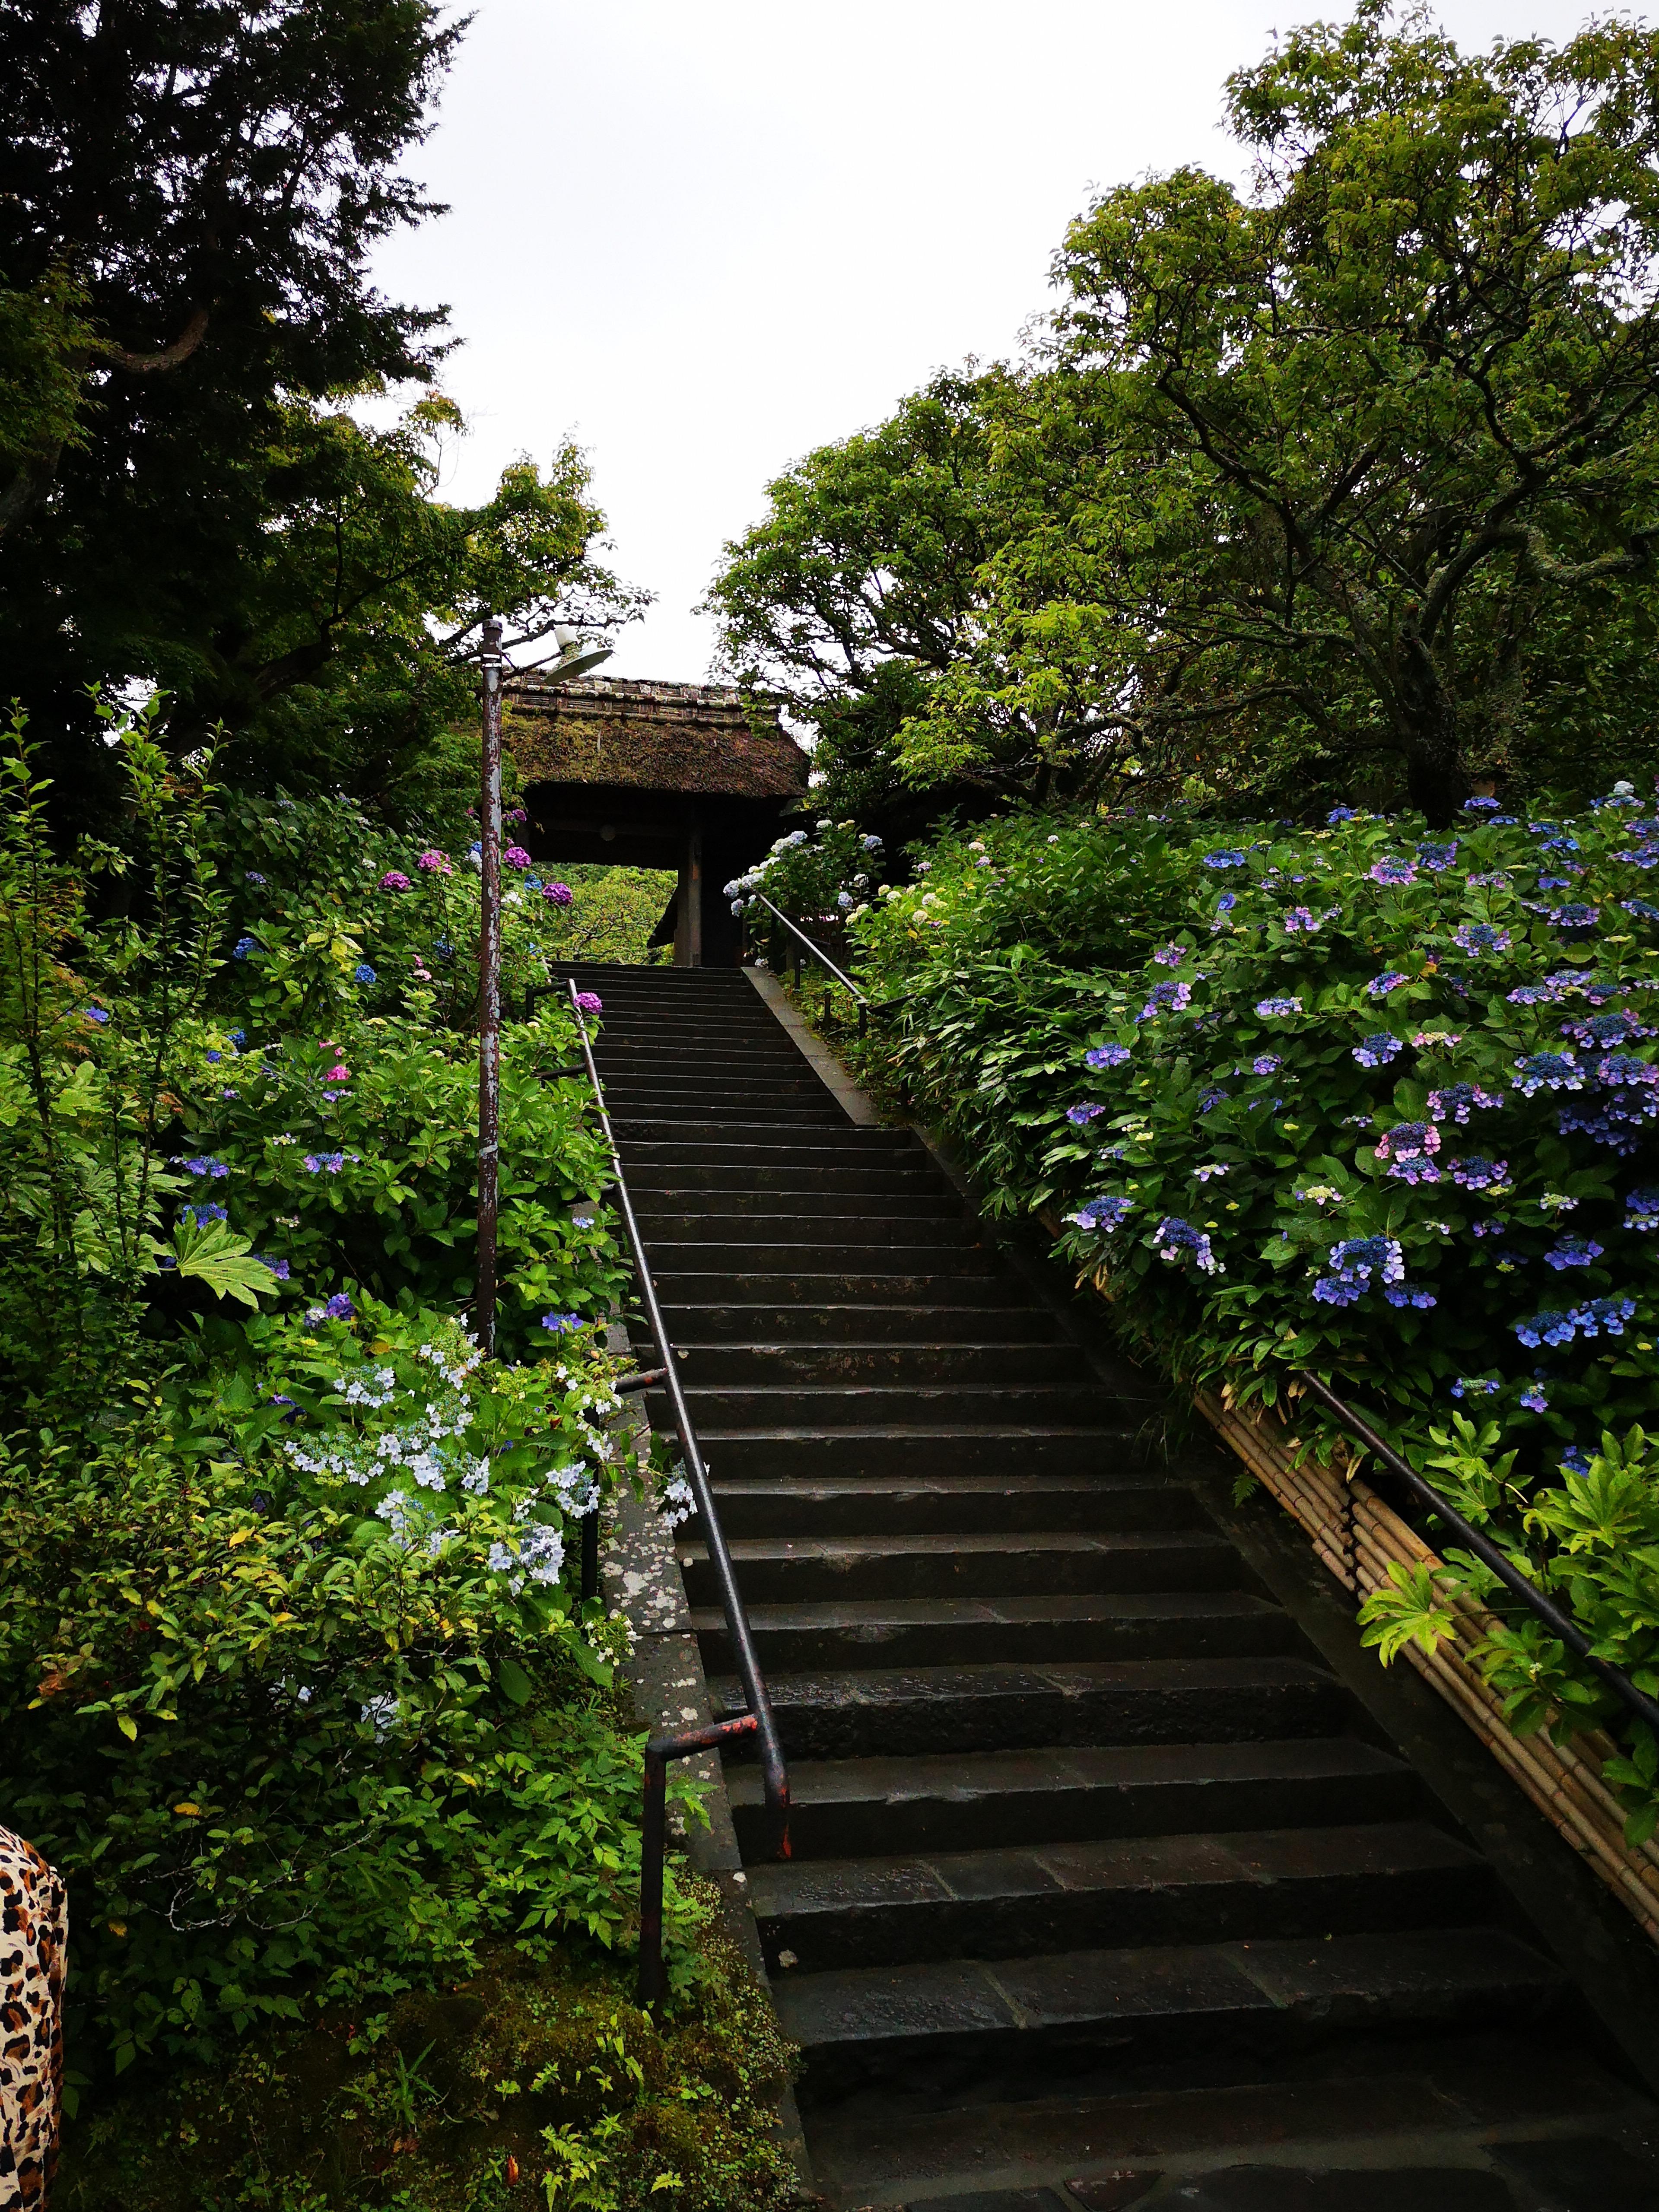 東慶寺の入り口です。あじさいなど花々が植えられていてきれいです。(クリックで原寸)